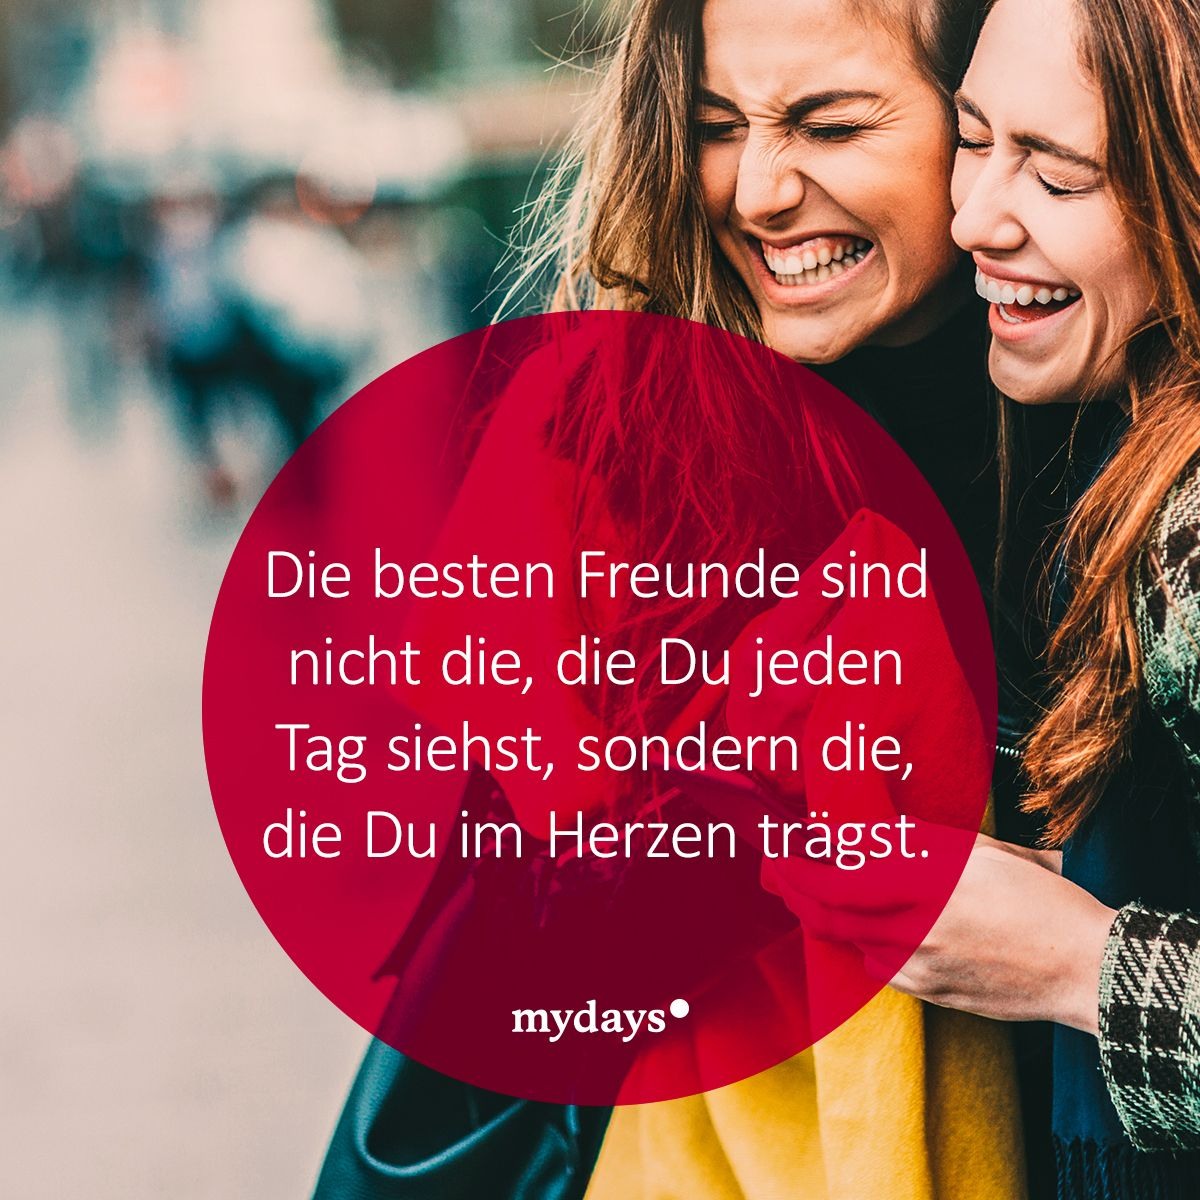 Sind Freunde Nicht Die Besten?